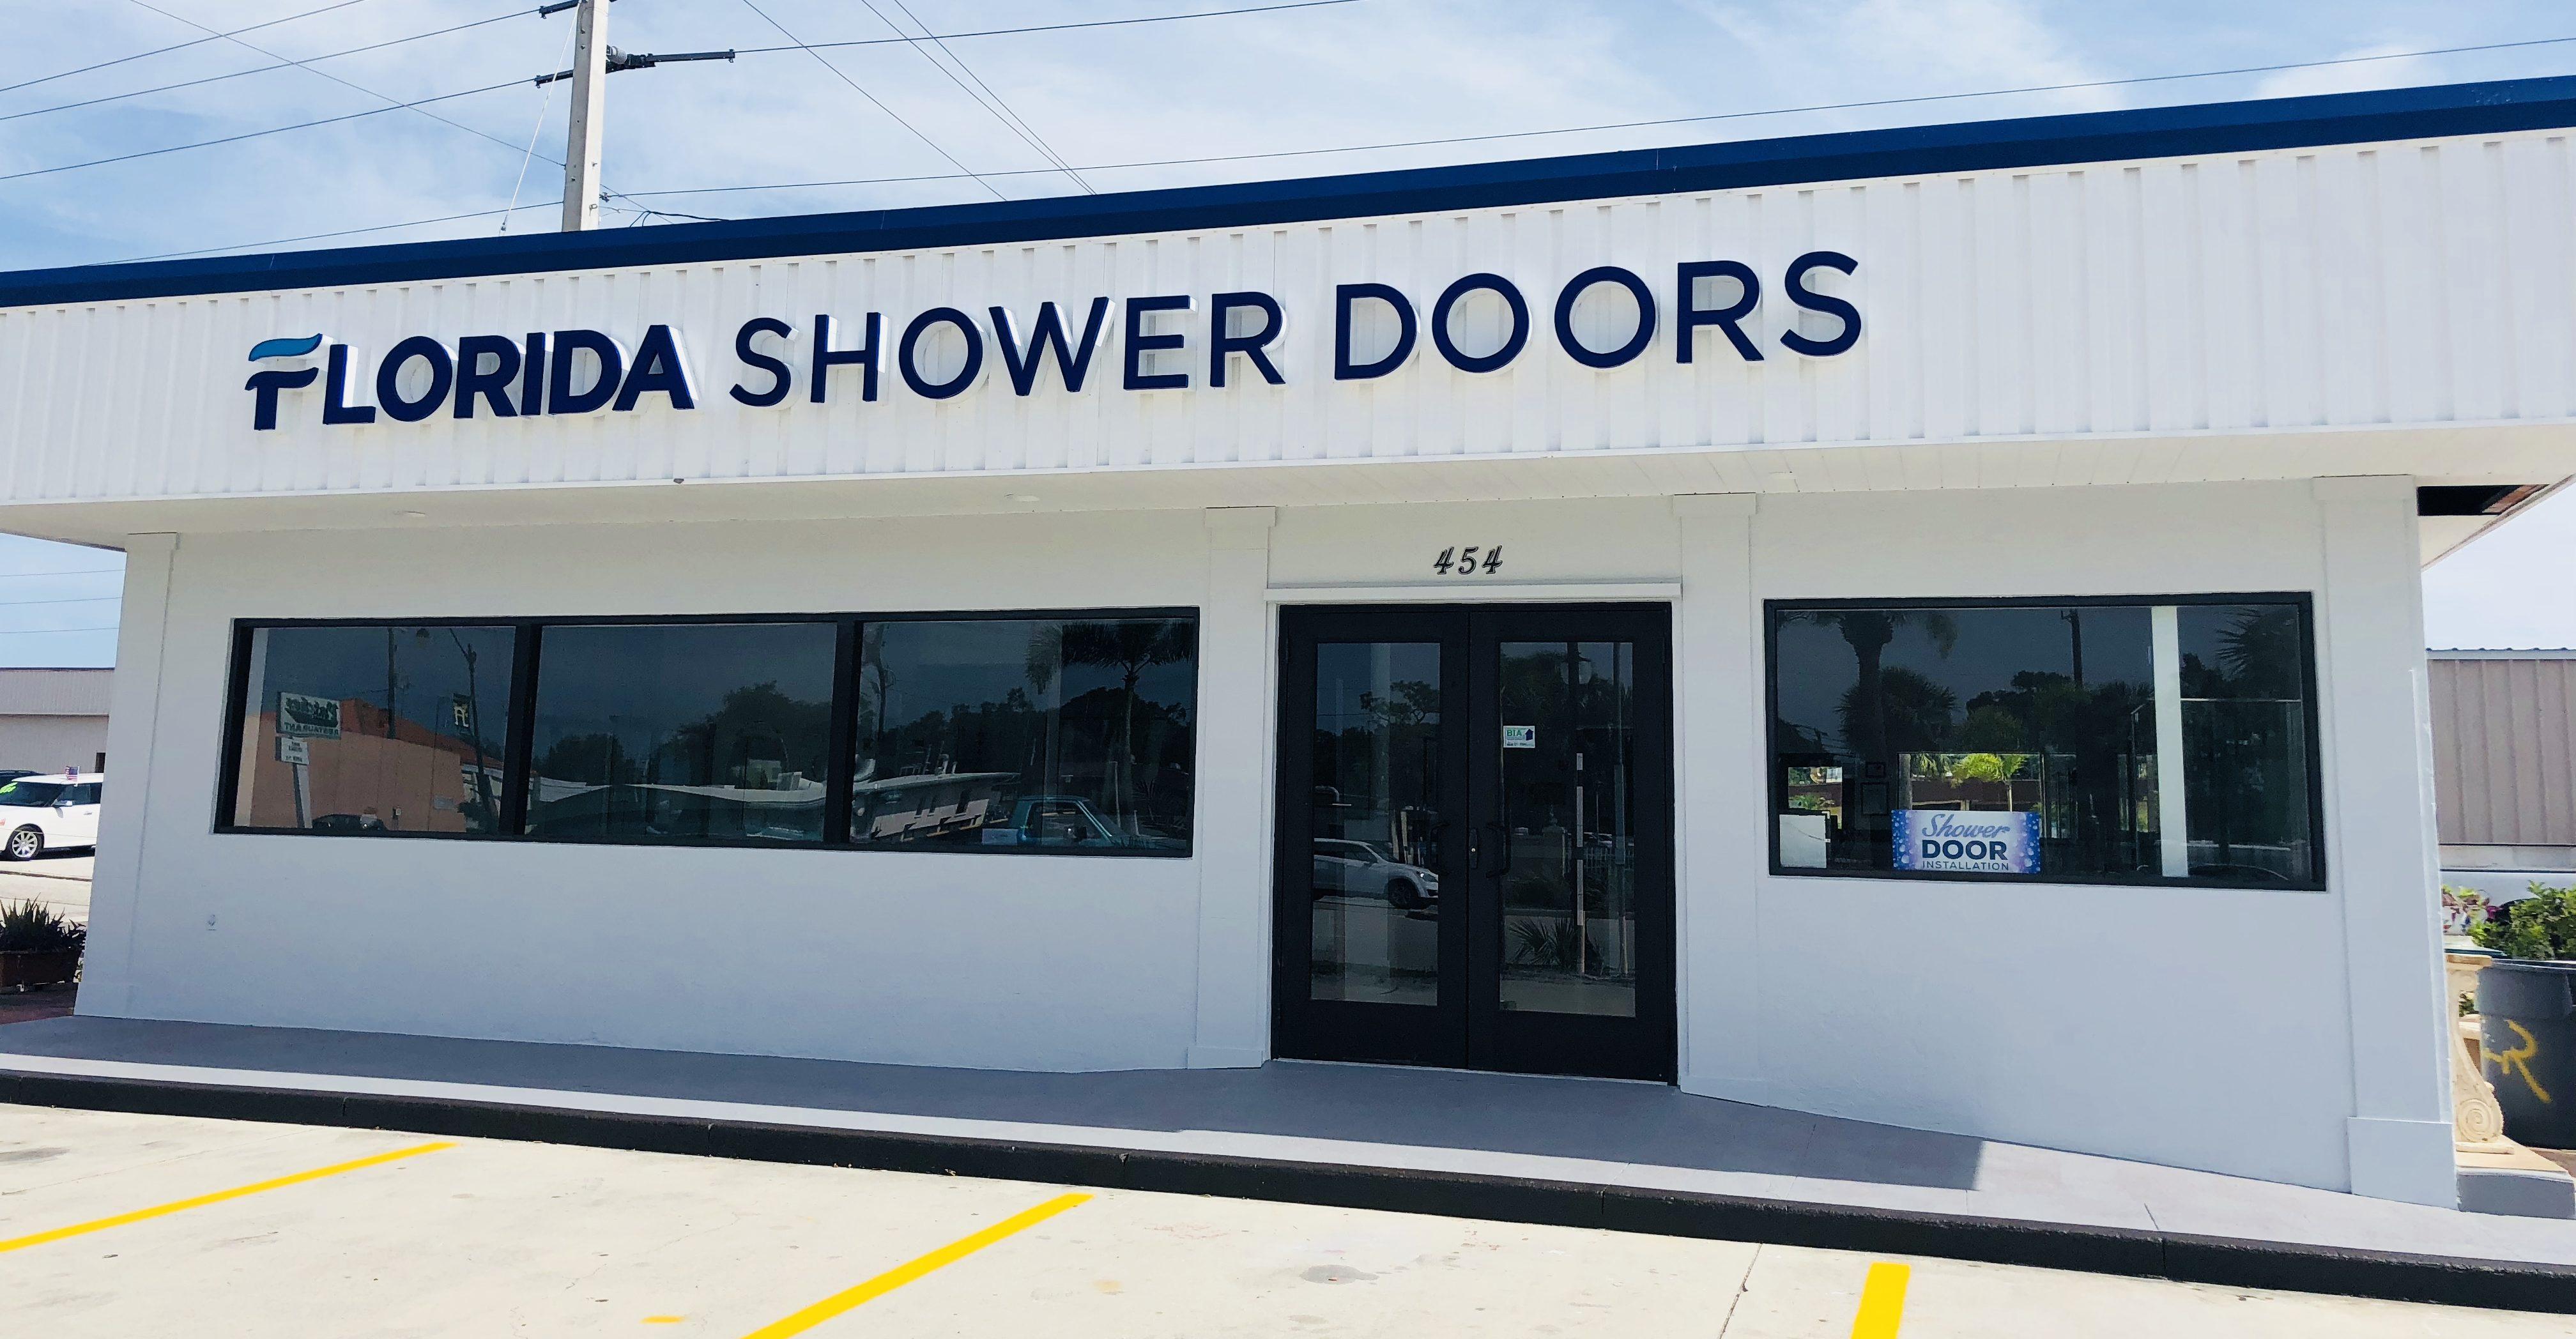 Our Showroom Florida Shower Doors